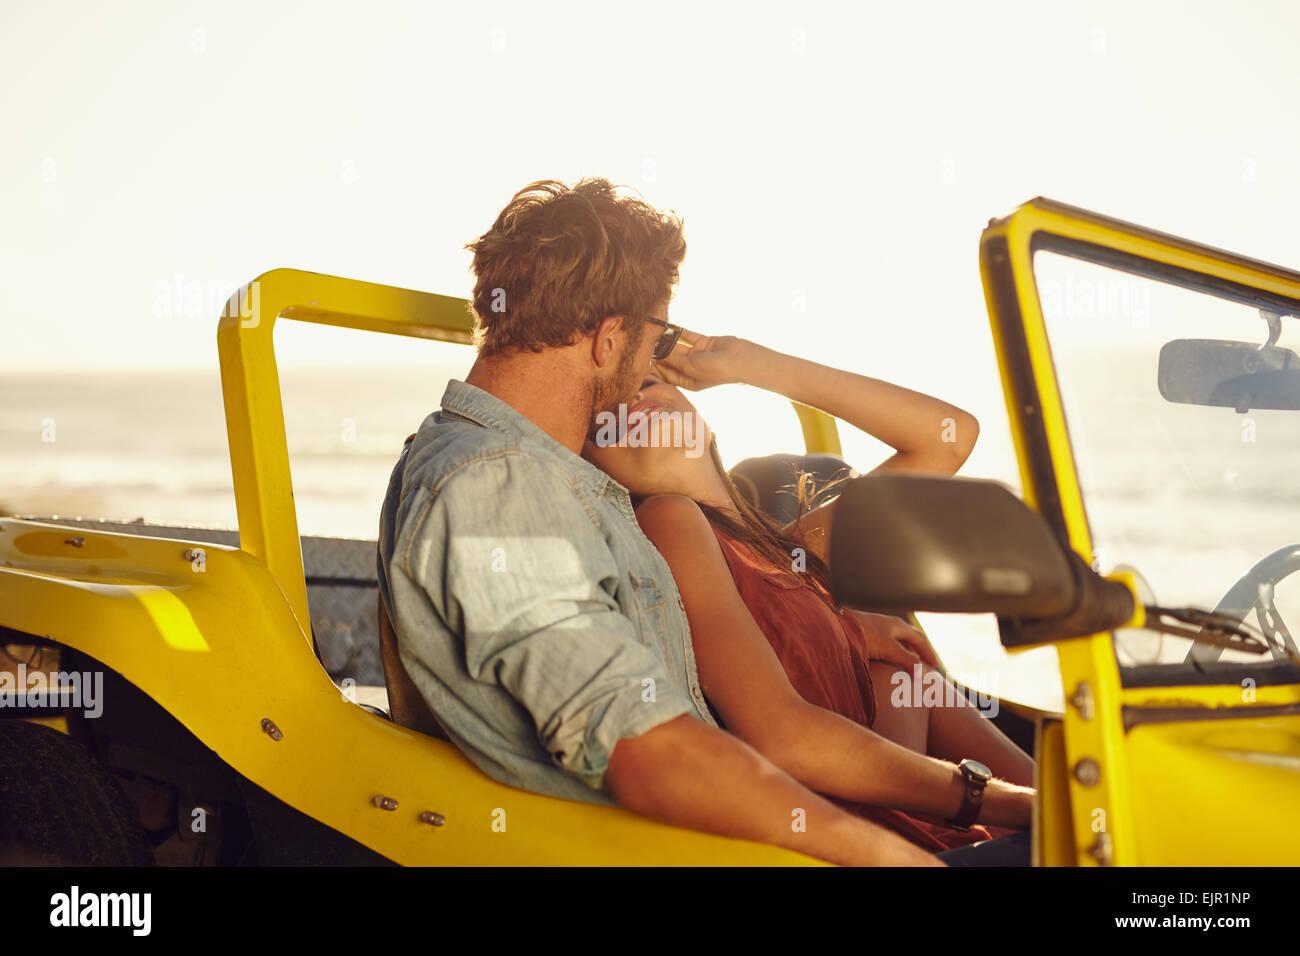 Young couple dans une voiture. Jeune couple partage un moment romantique tandis que sur un voyage sur la route. Photo Stock